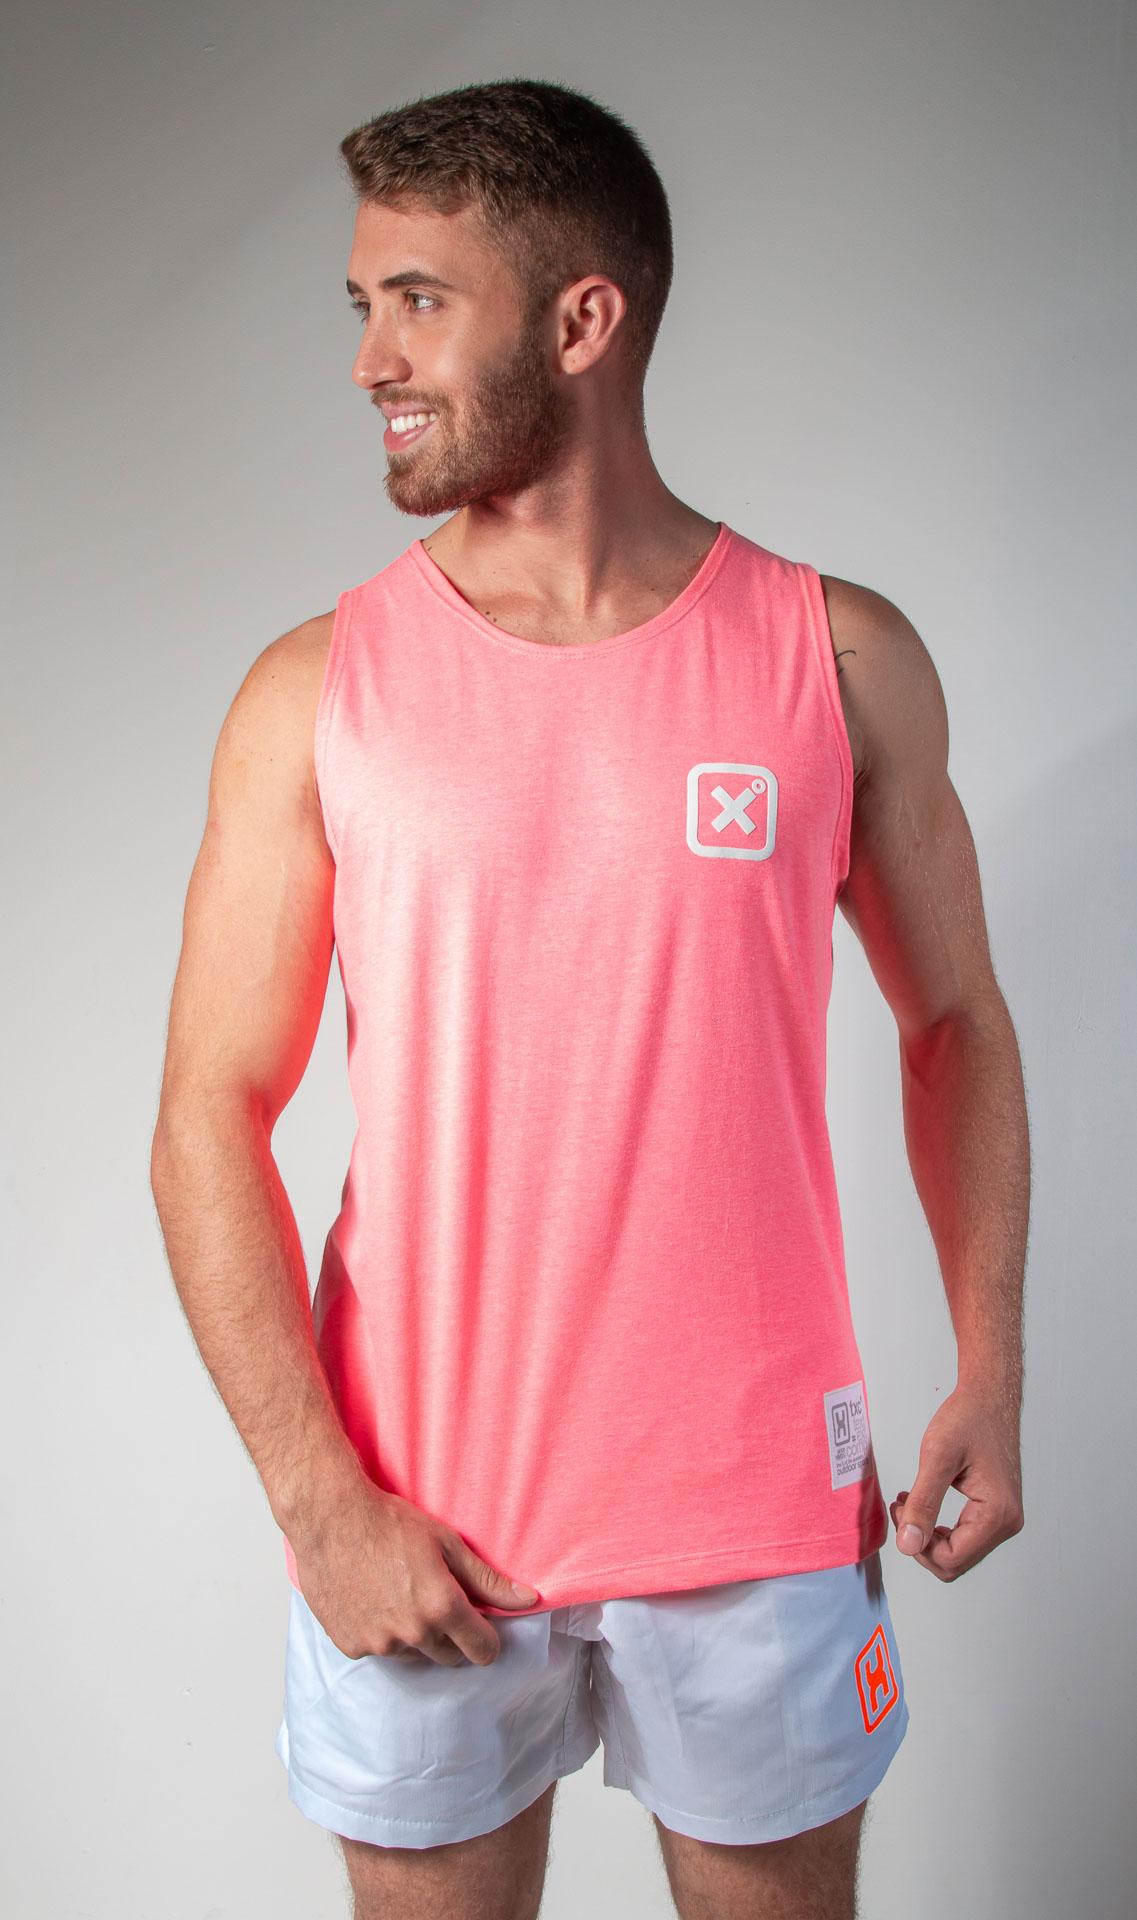 Camiseta Regata TXC 2012